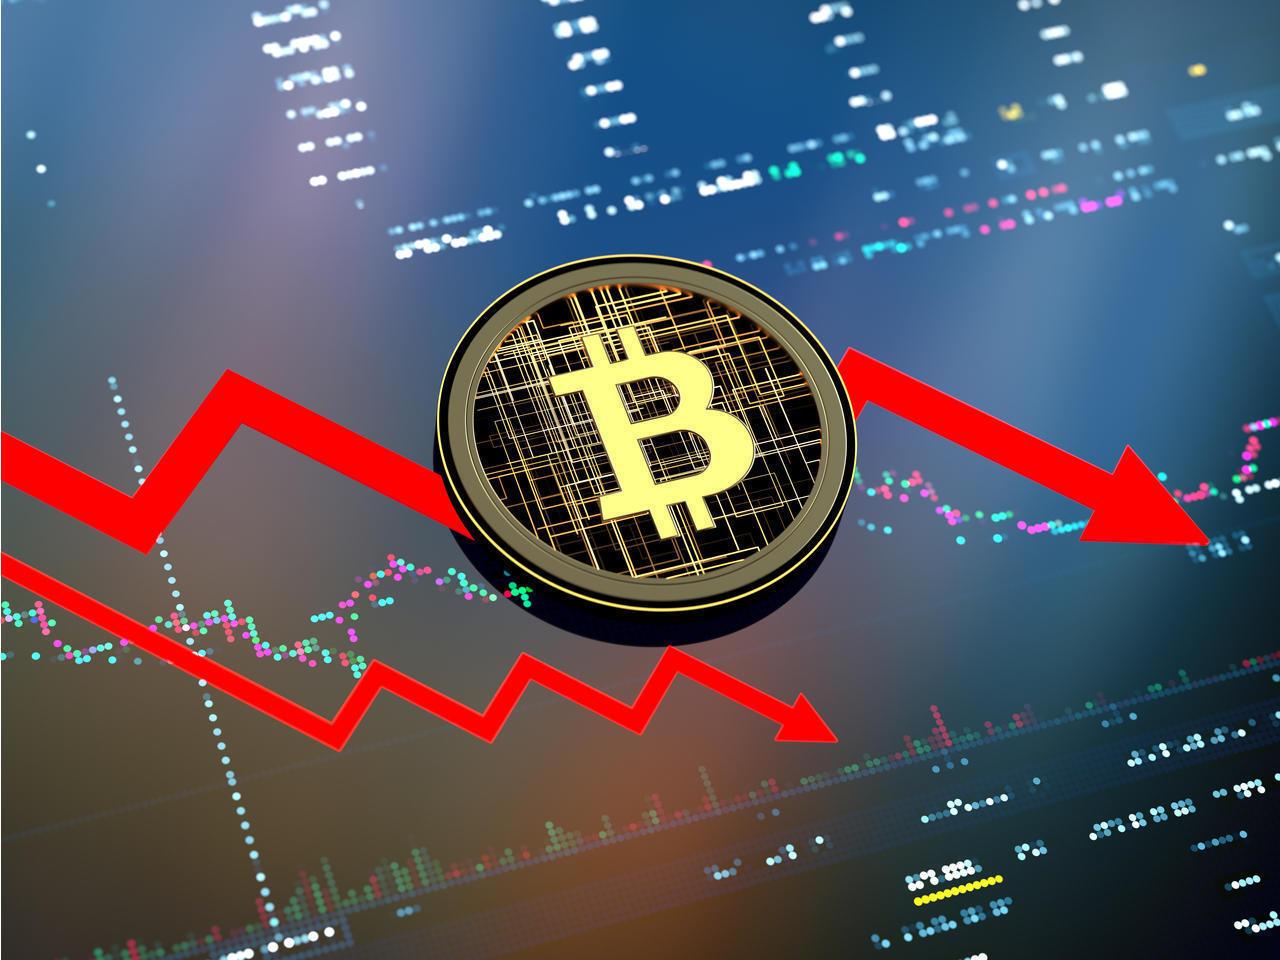 cme bitcoin future market maker